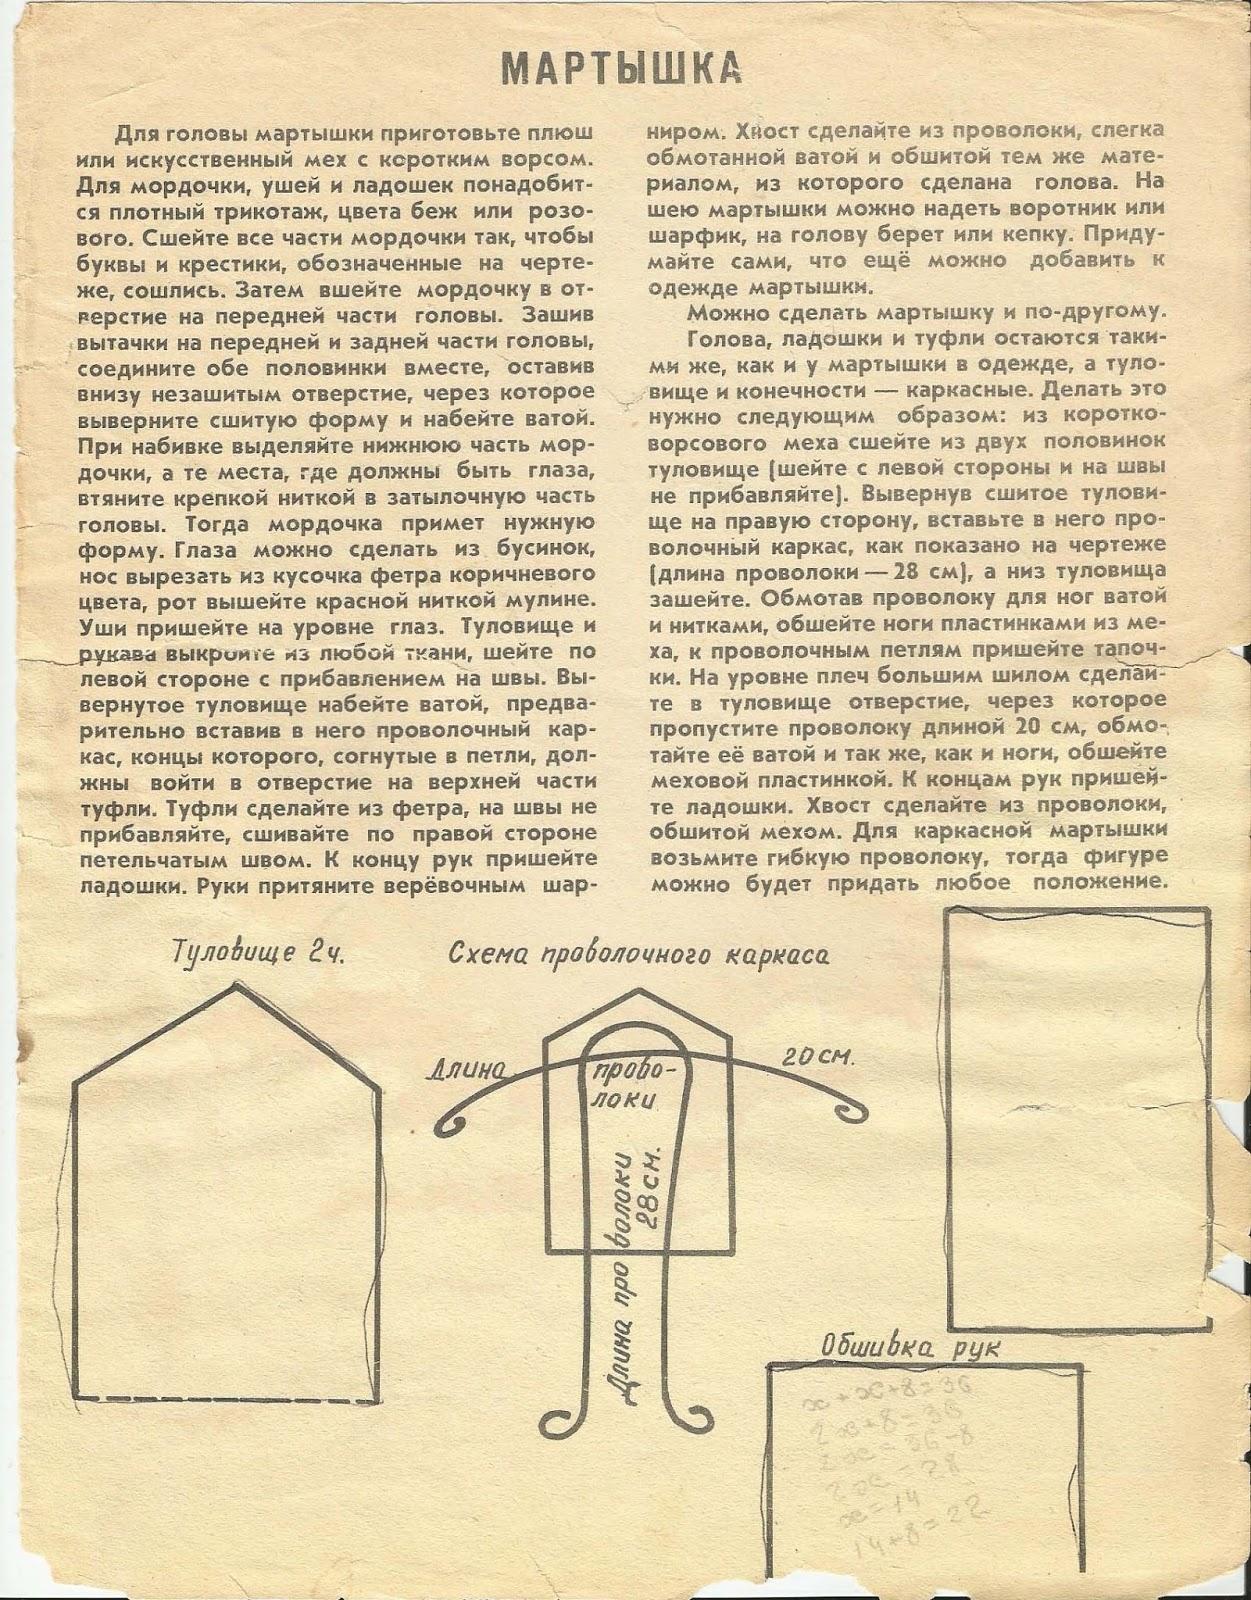 Бельевые соединительные швы - Уроки рукоделия 66